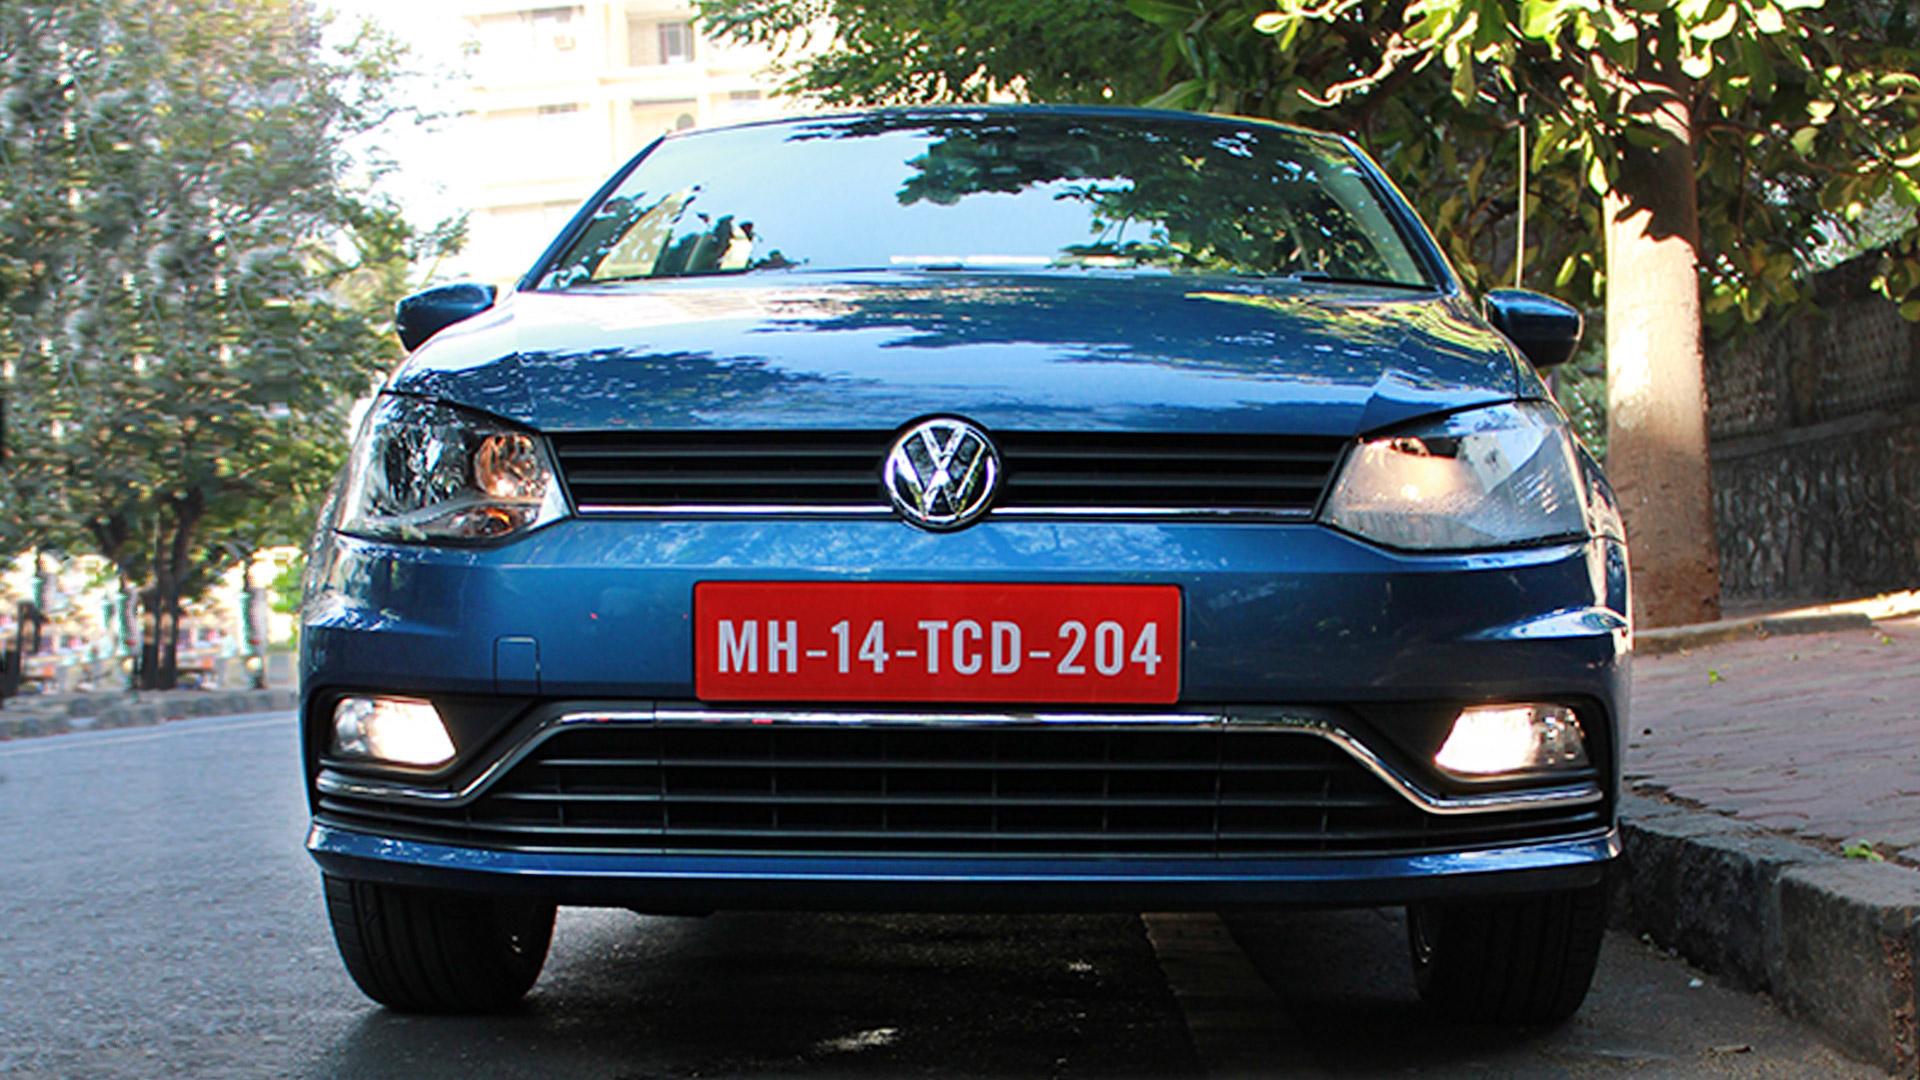 Volkswagen Ameo 2016 1.2 MPI Compare